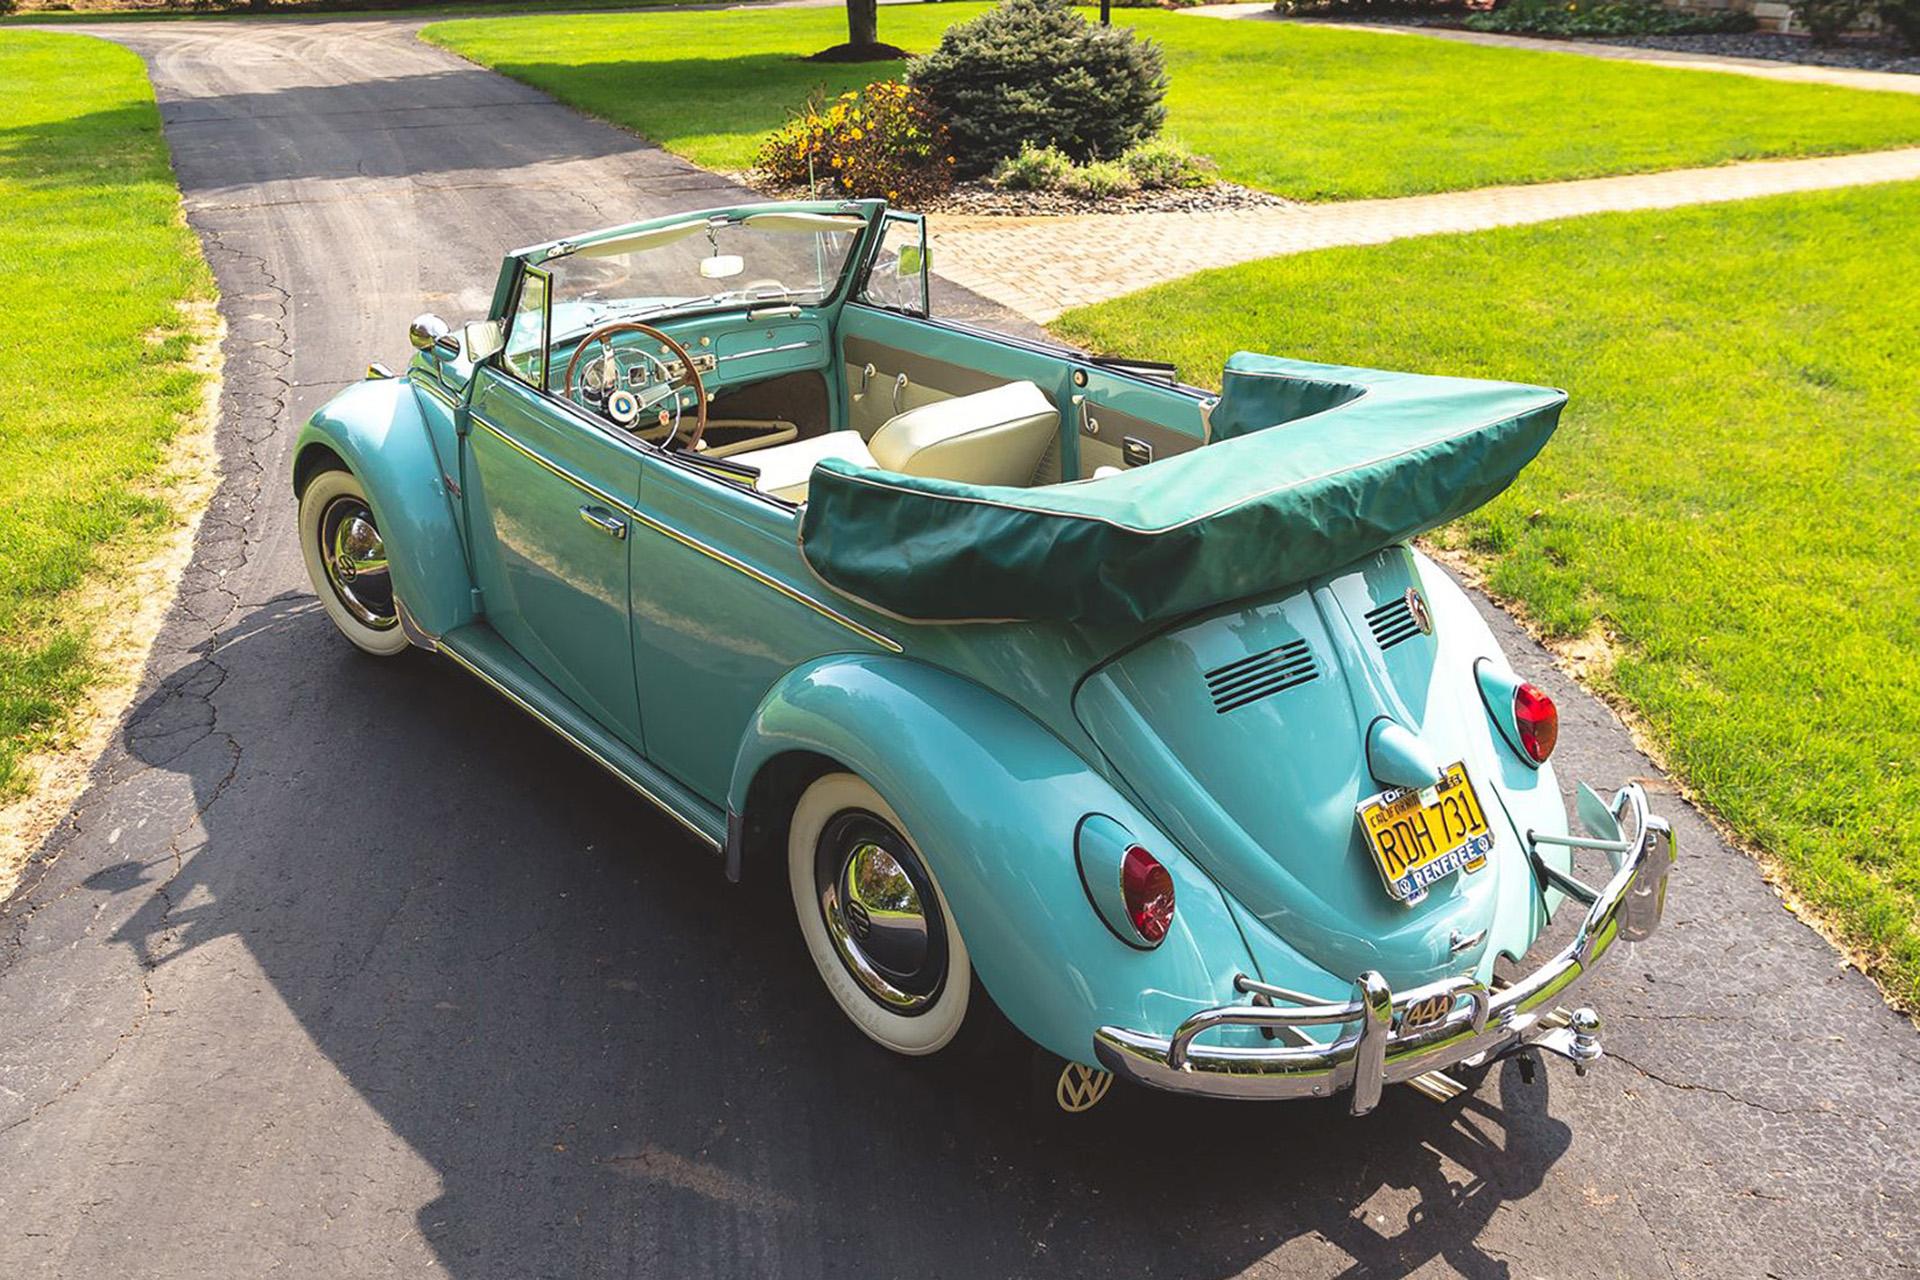 1962 Volkswagen Beetle Convertible